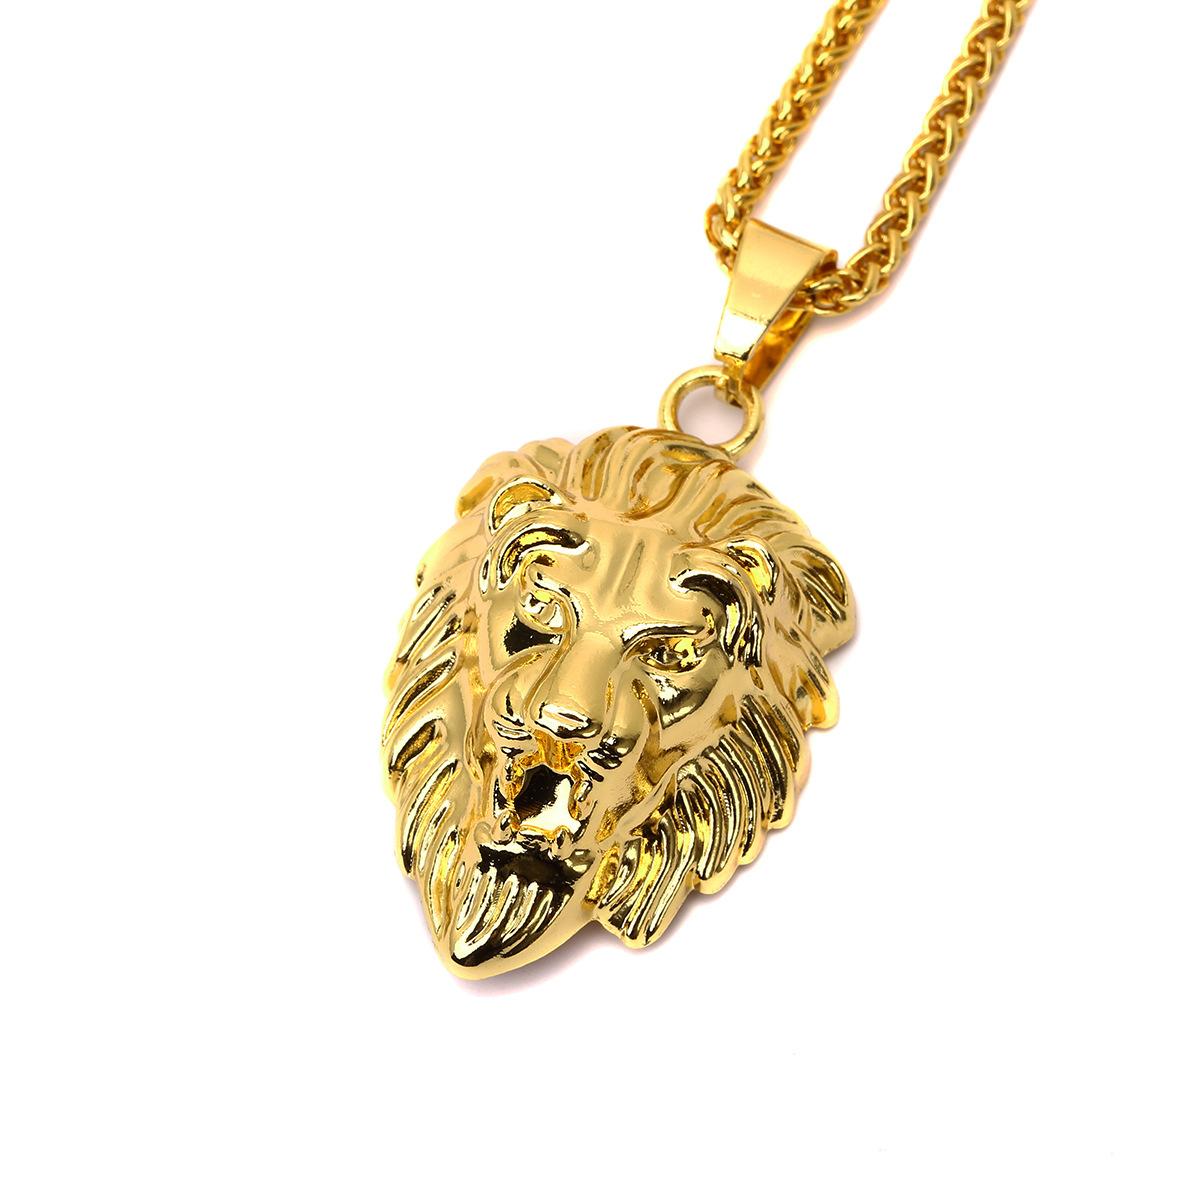 Hiphop Golden Lion Pendant Necklace 24k Gold Plated Lion Head Neclace Men Hip Hop Dance Charm Franco Chain Male N296(China (Mainland))